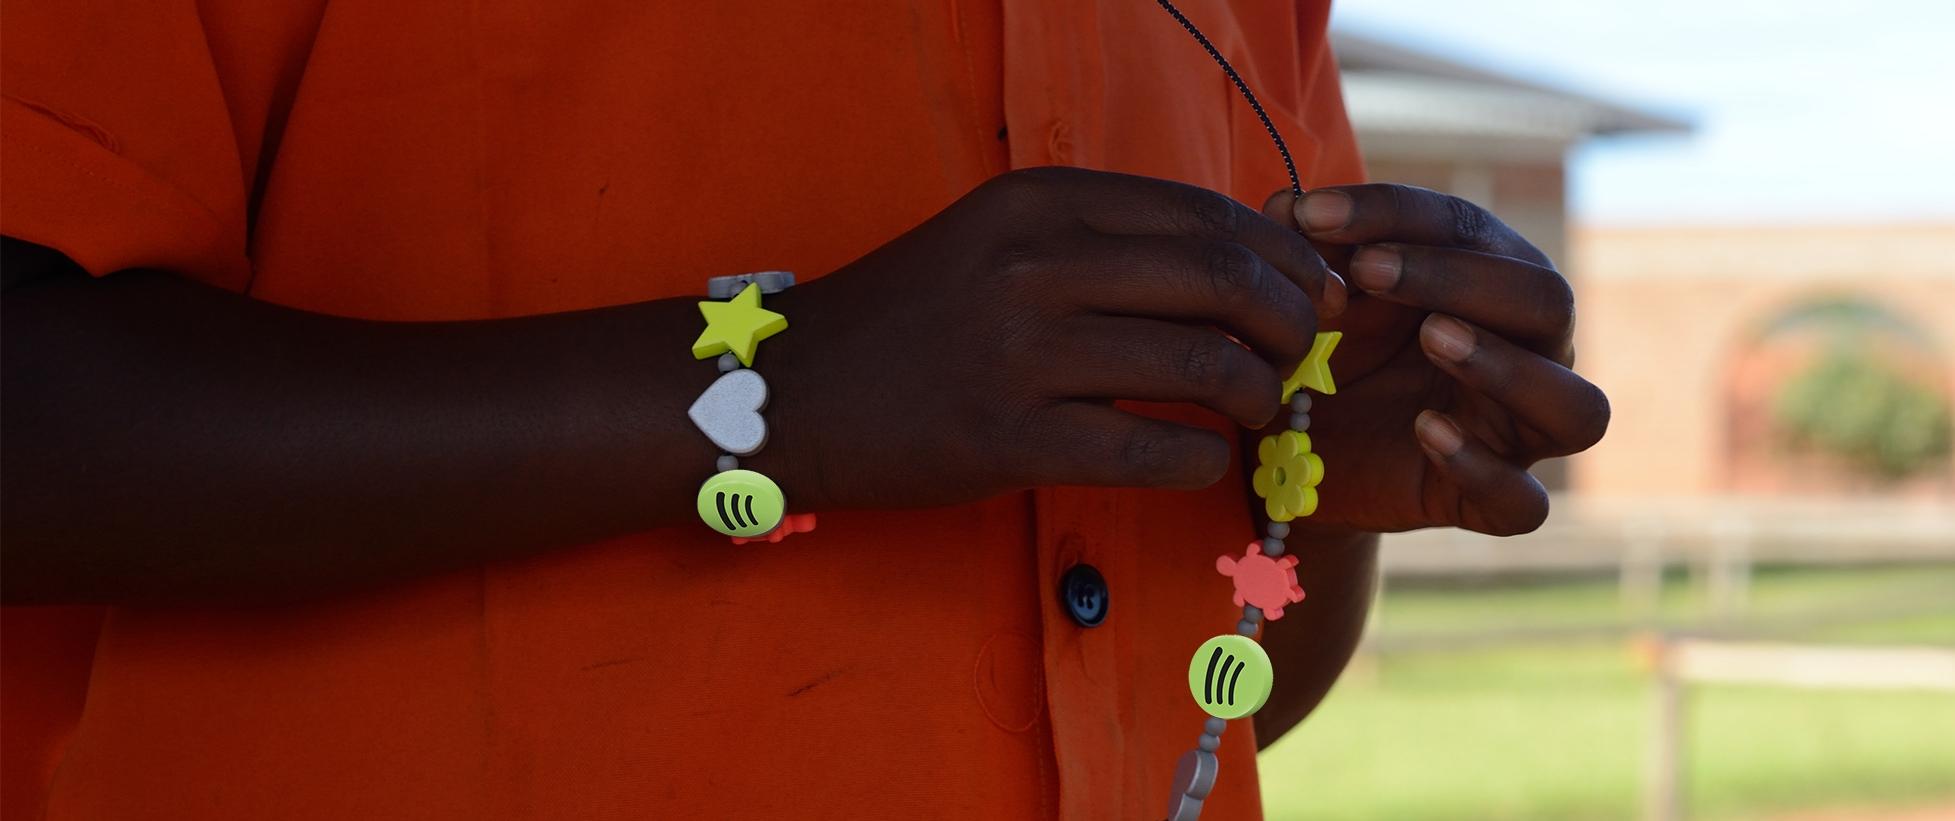 Reflective Spotify bracelet beads